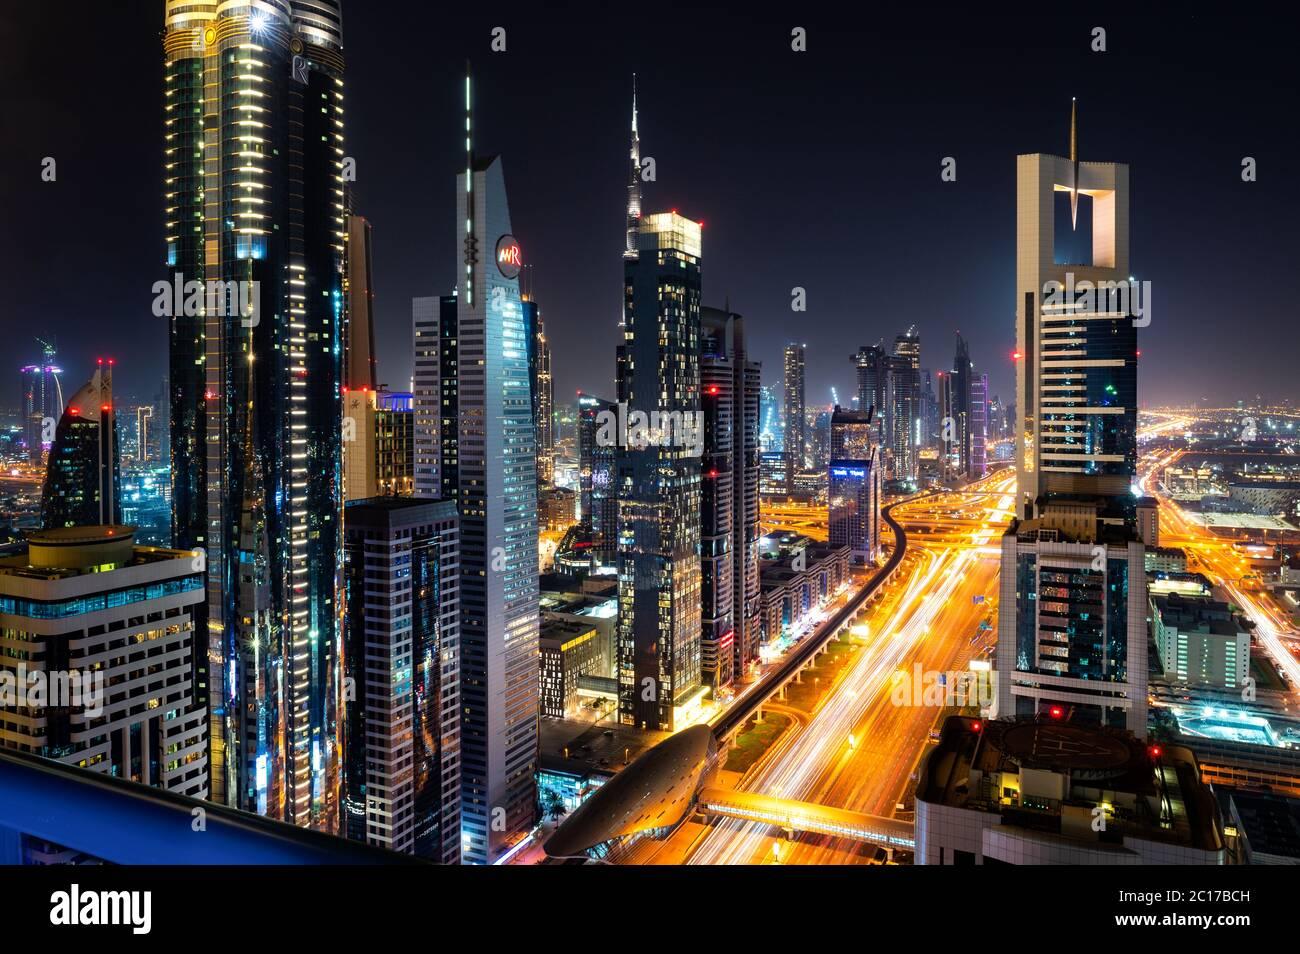 La ciudad de Dubai en los Emiratos Árabes Unidos Foto de stock